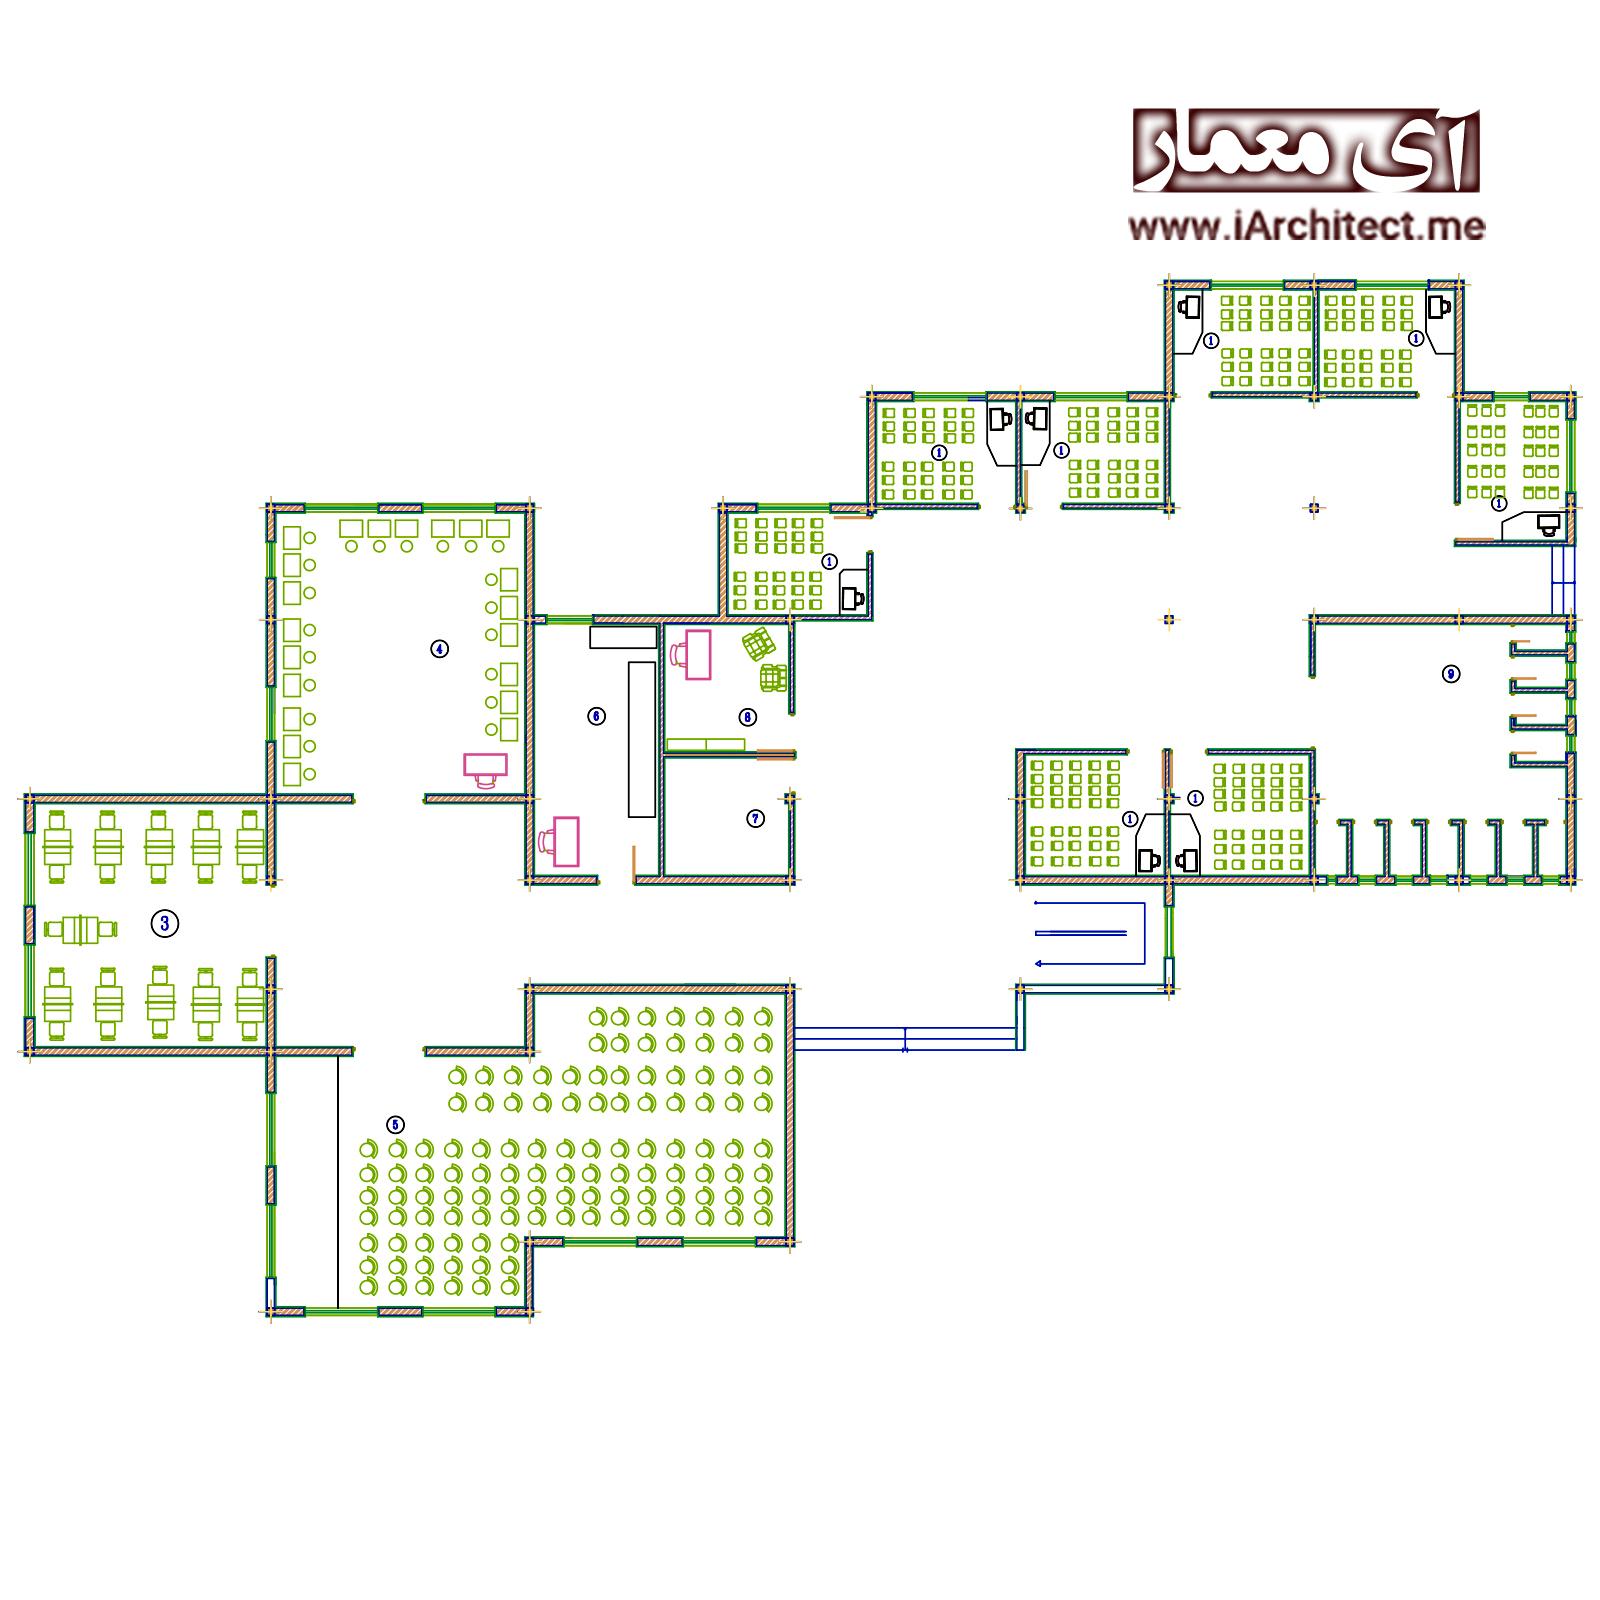 نقشه آموزشی-مدرسه